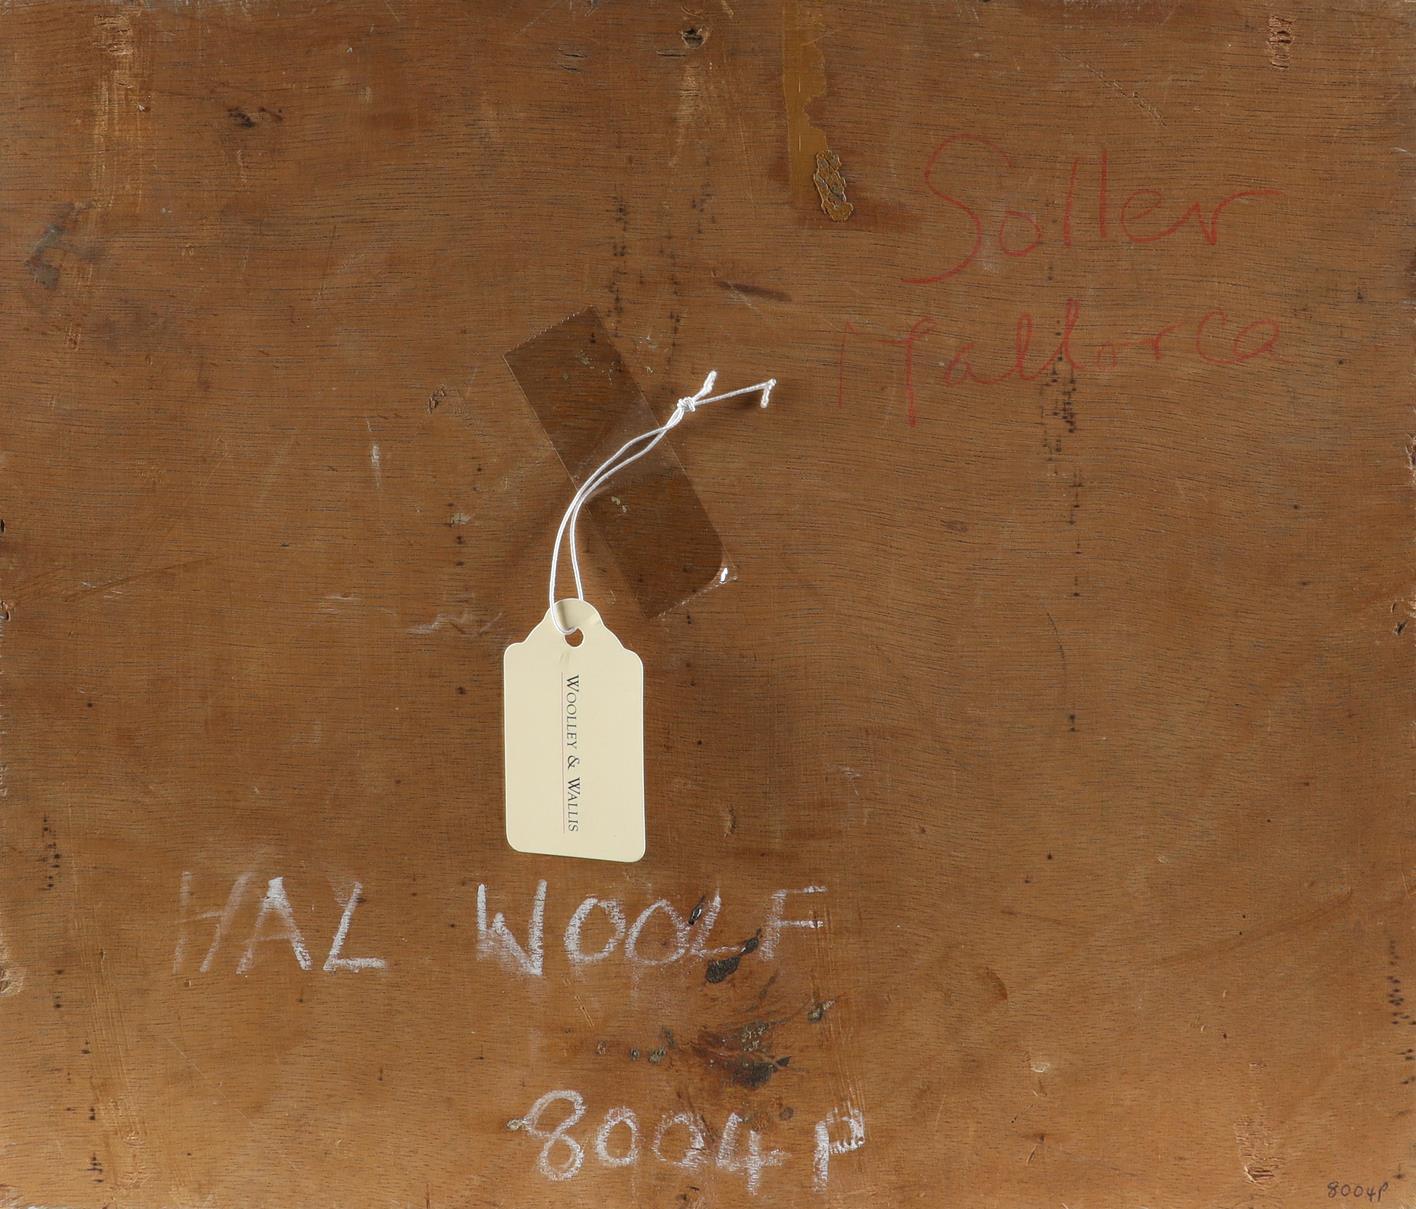 ‡Hal Woolf (1902-1962) Market Scene, Sóller, Mallorca Signed HAL WOOLF/36 (lower left) Oil on - Image 3 of 3